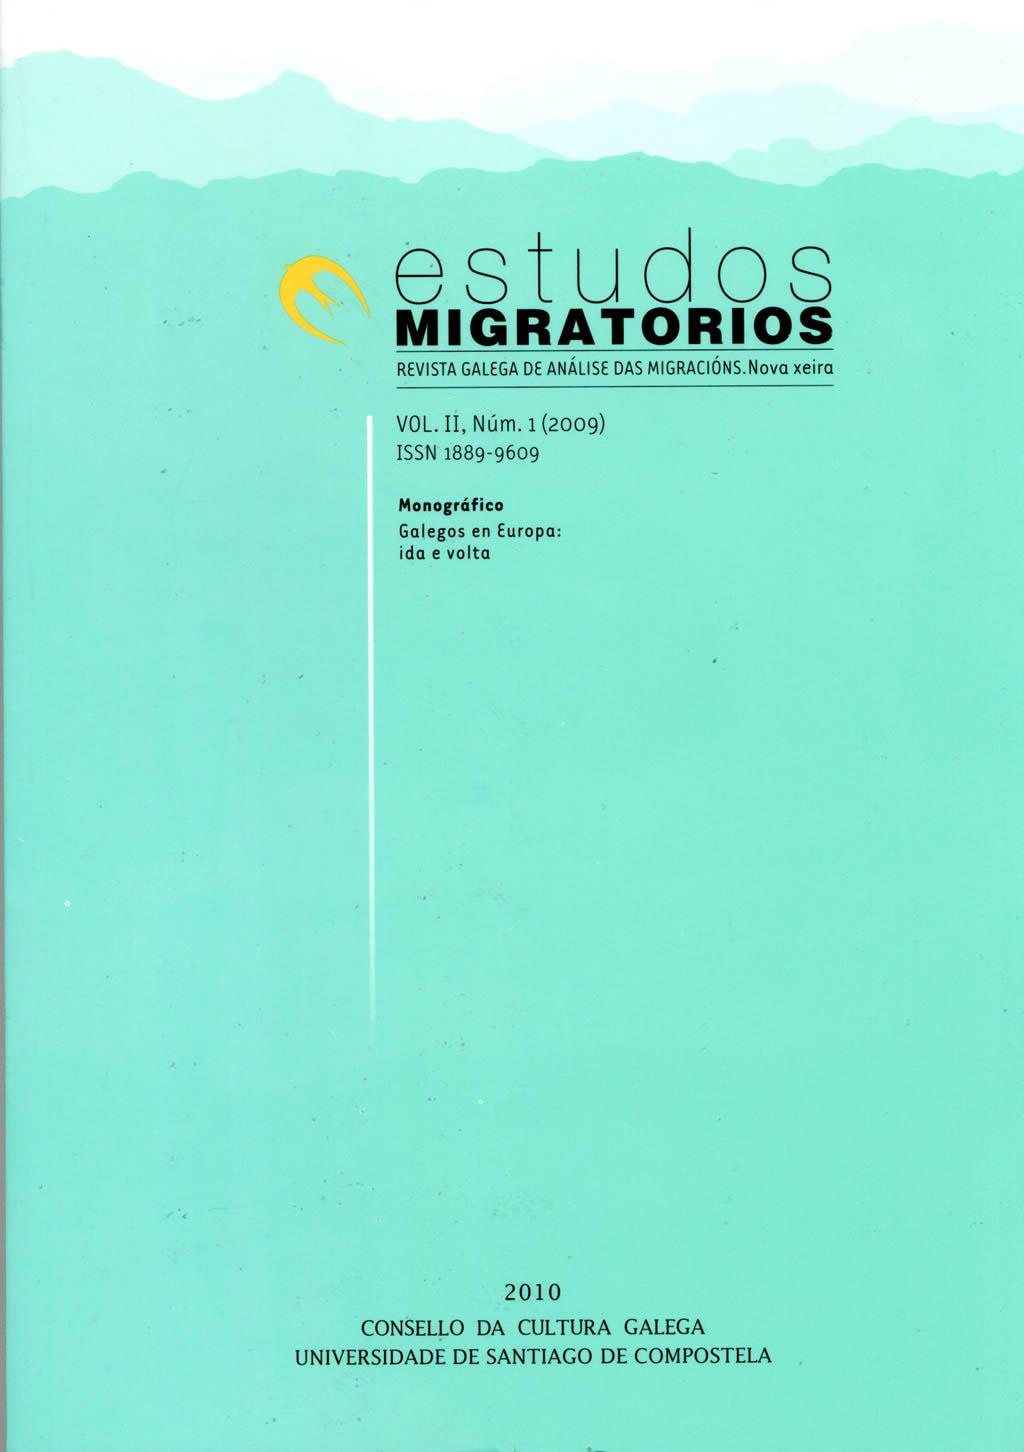 Portada de  Estudos Migratorios. Revista Galega de Análise das Migracións. V. II, N.º 1 (2009)